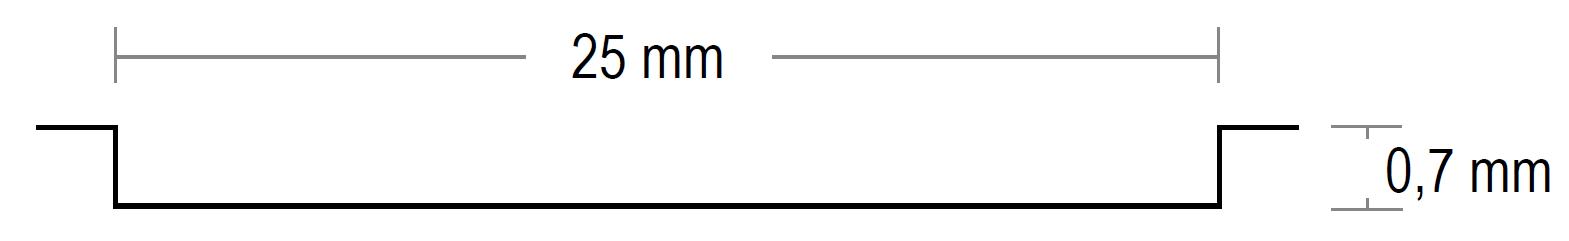 Prägung Breite 25 mm